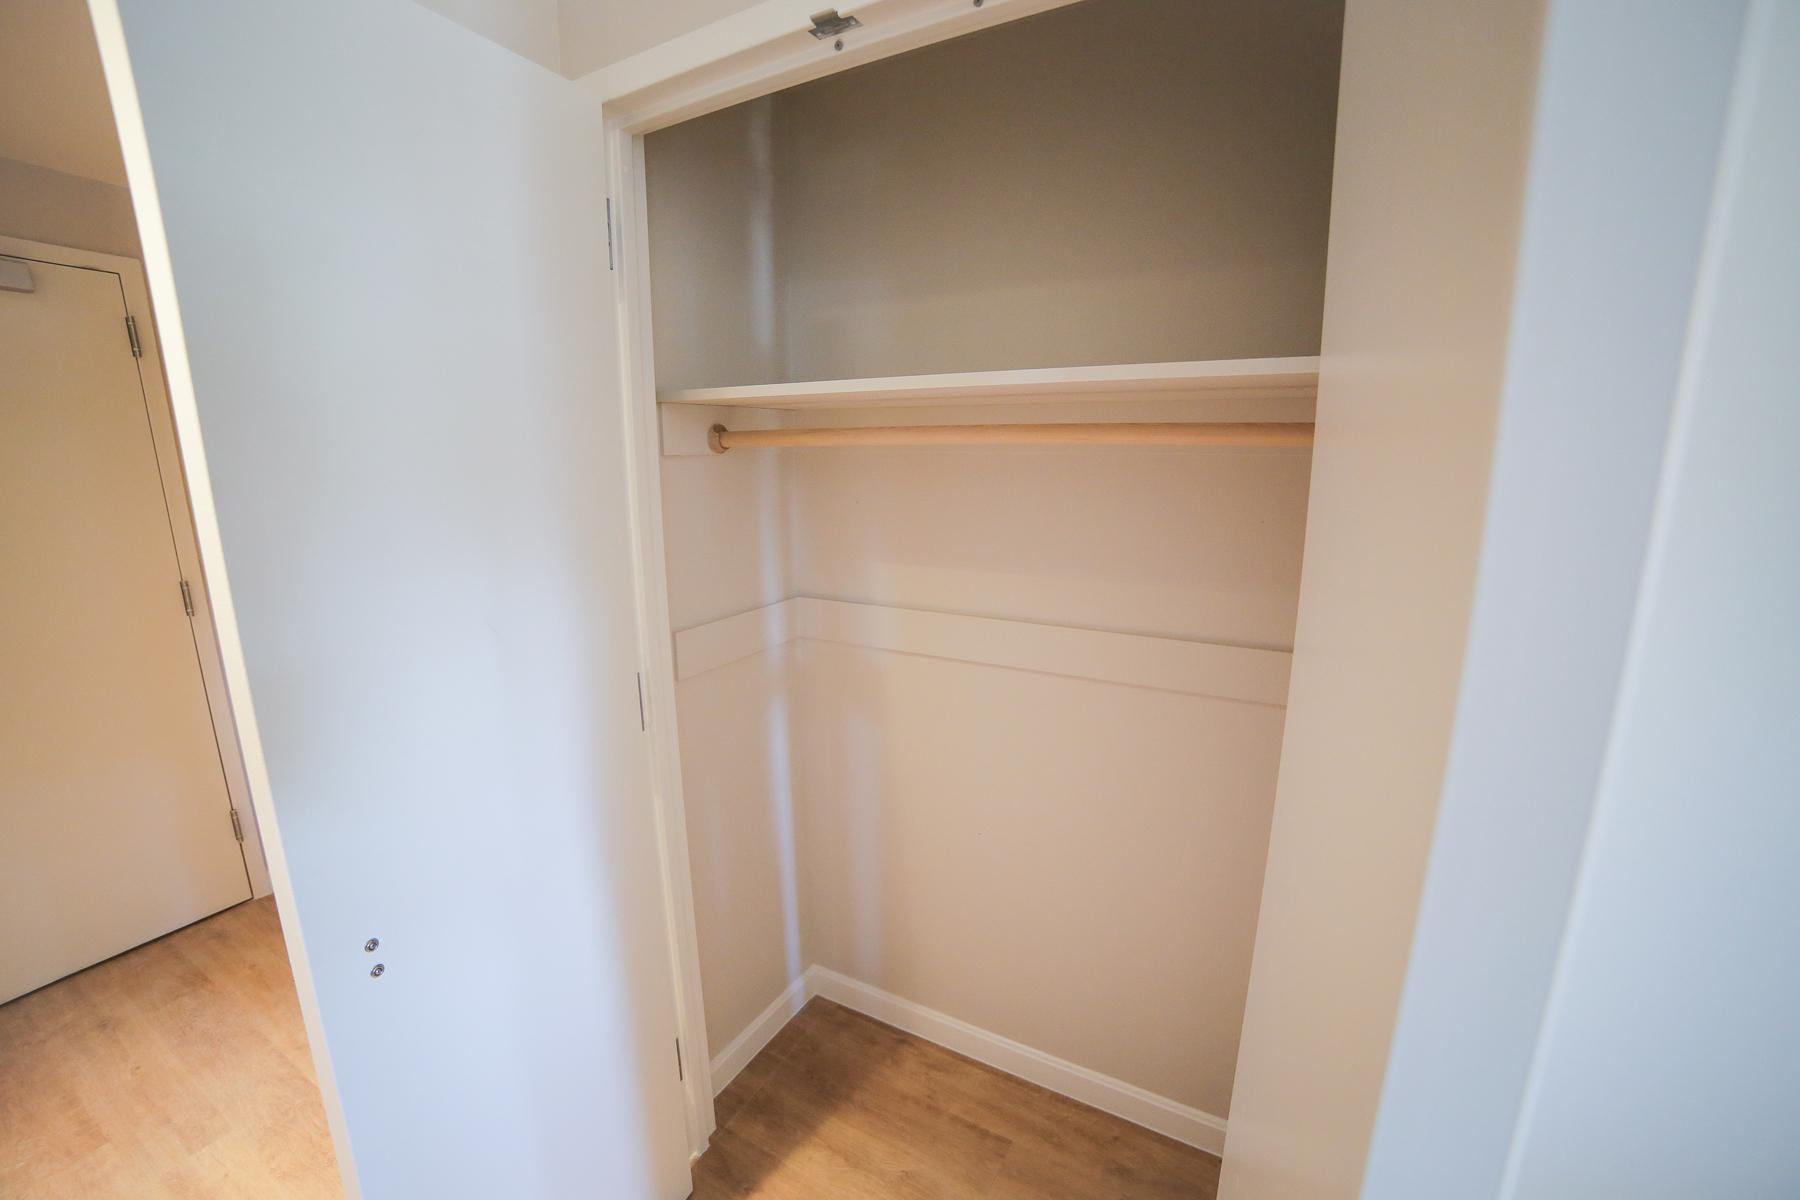 A closet inside of a Studio apartment.